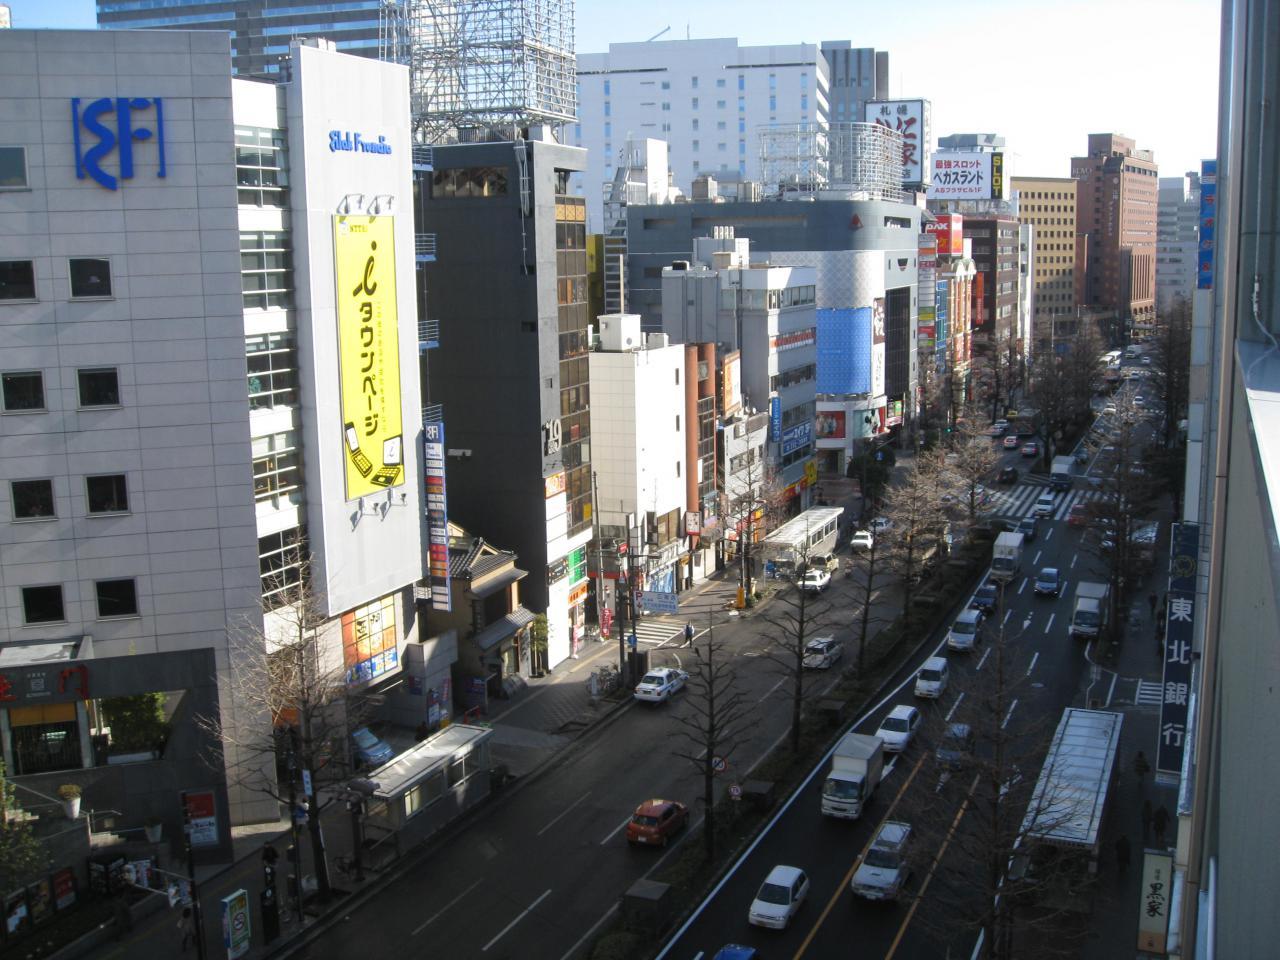 上から見る広瀬通り:仙台の風景...